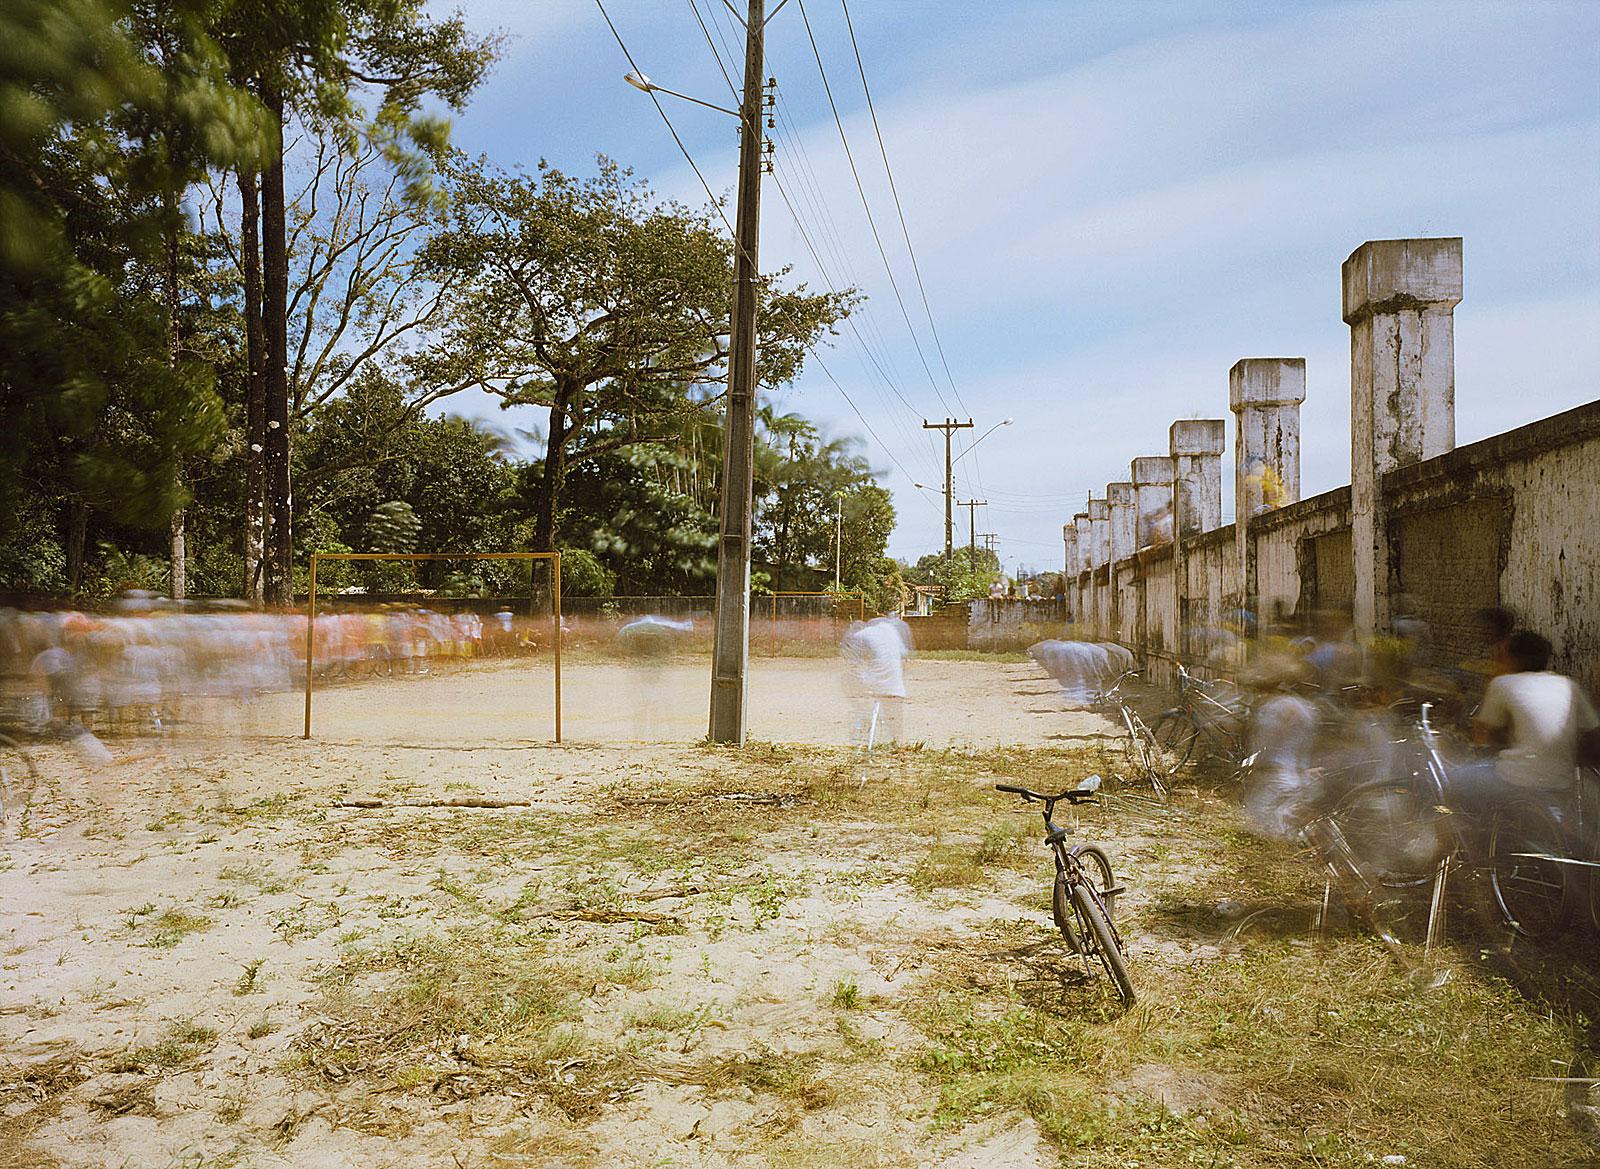 Jogo de futebol, dia dos pais, Rosário (9.45 - 9.55 Uhr, 10.8.2003)